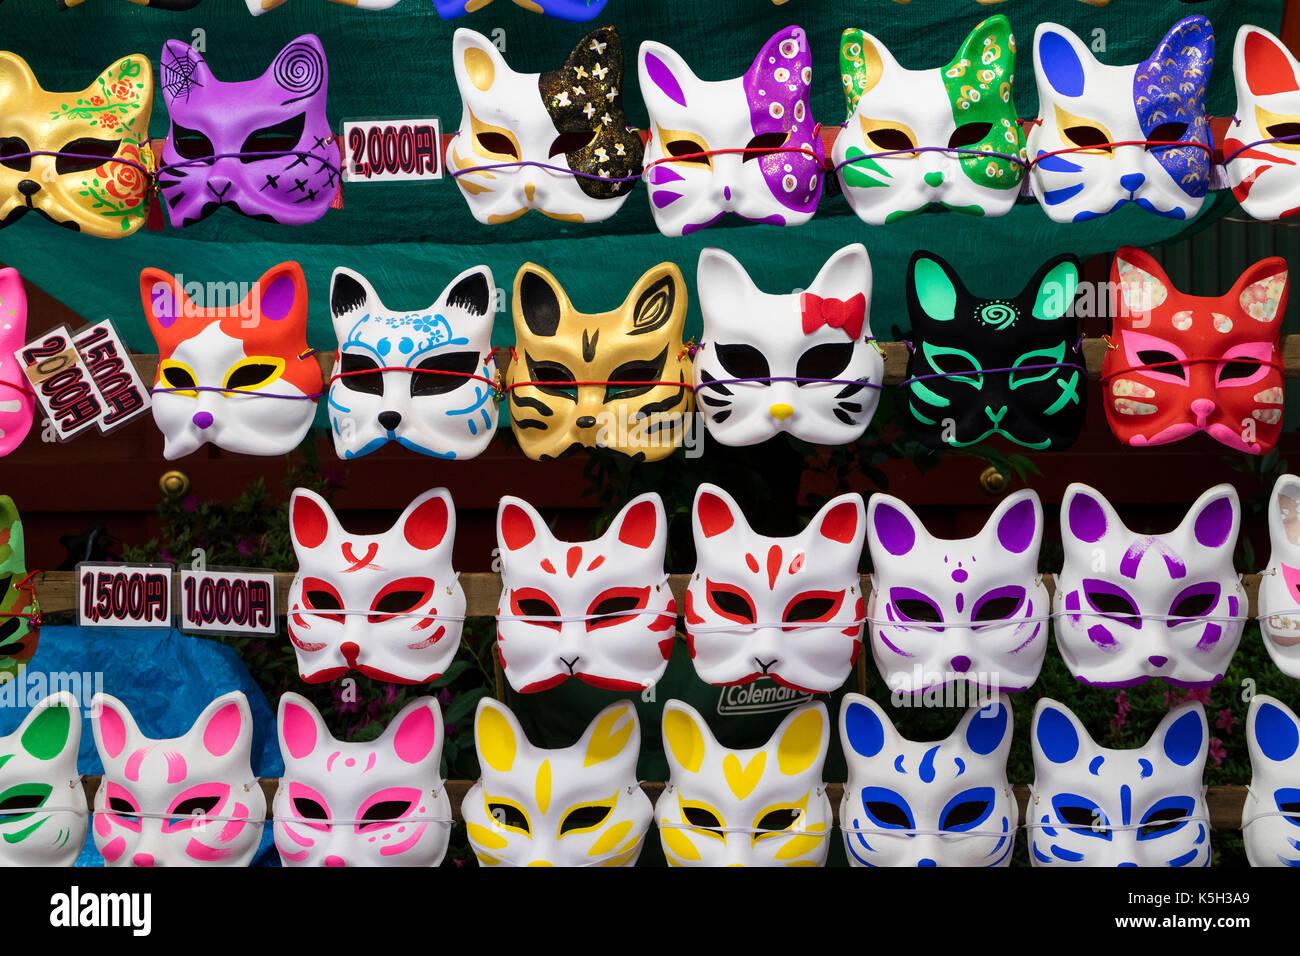 Tokyo, Giappone - 14 maggio 2017: cat maschere per la vendita sono appesi al muro a kanda matsuri festival Immagini Stock